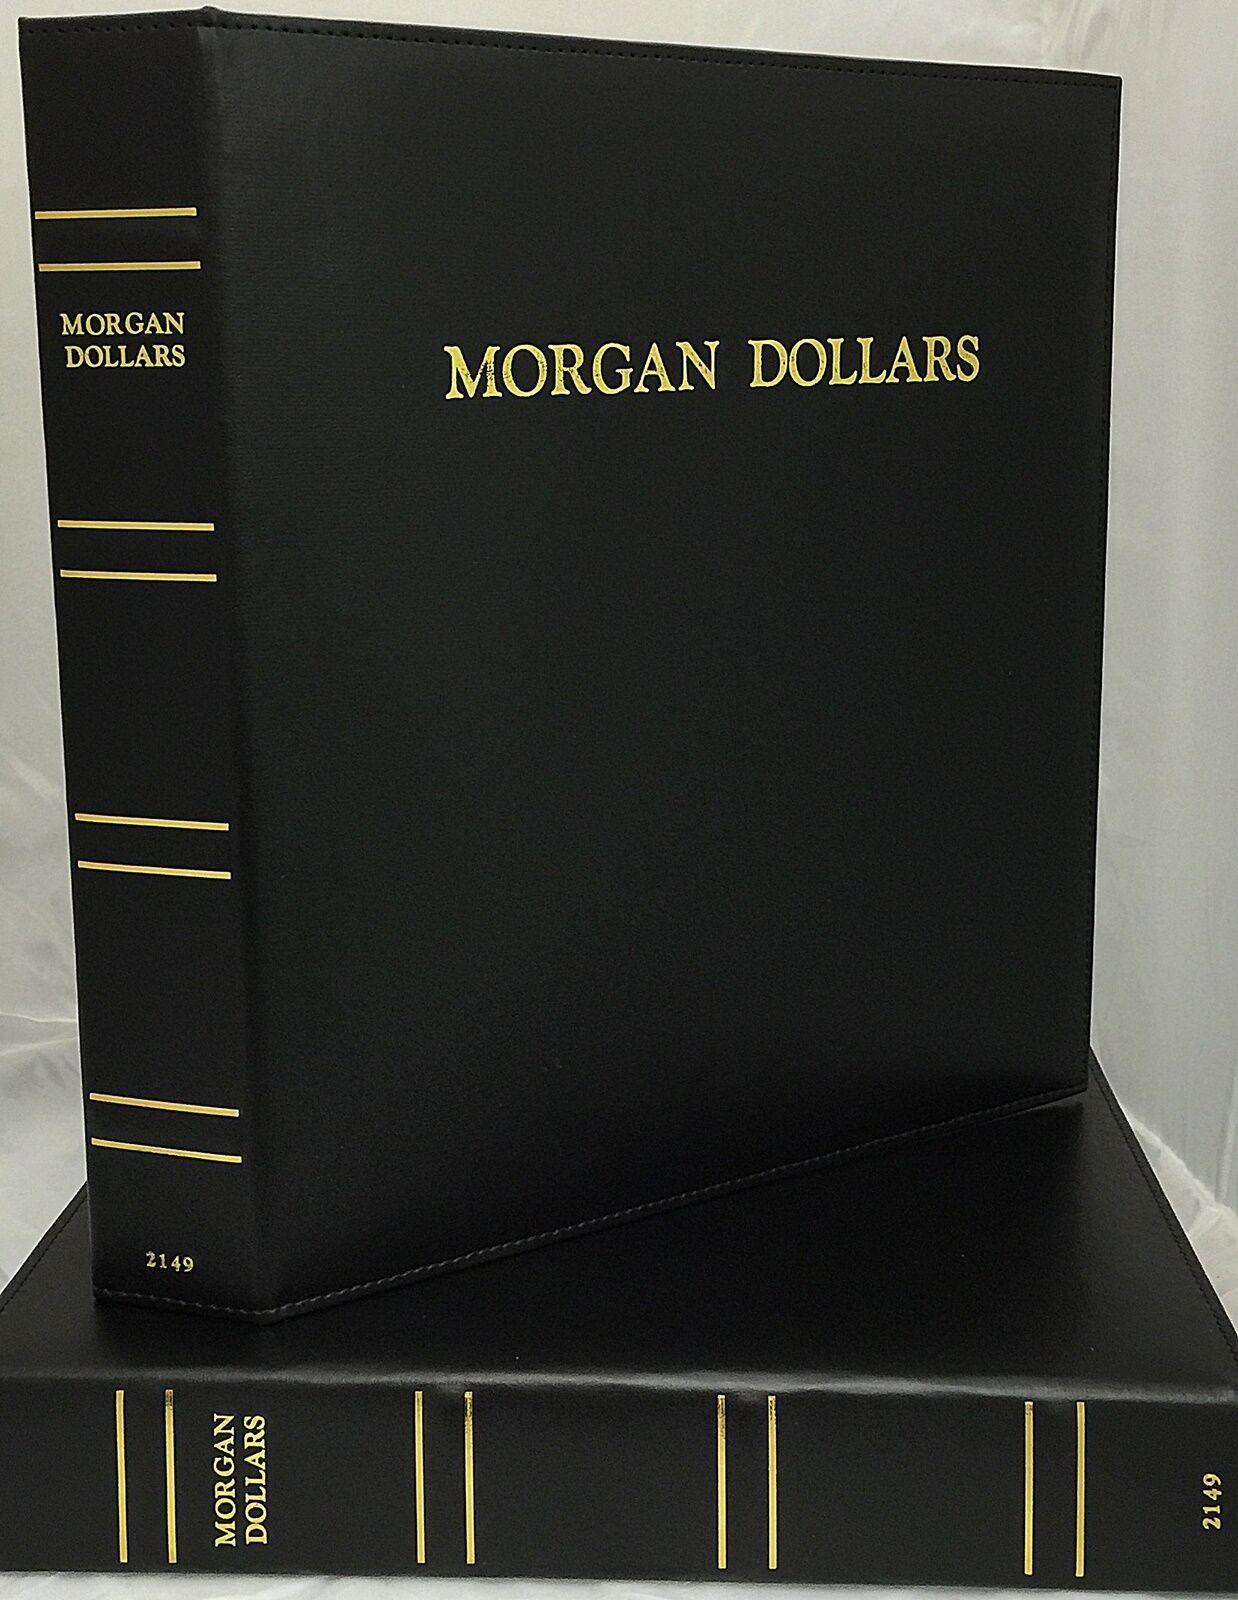 7178-3 Page 3 DANSCO Album Page Morgan Silver Dollars #7173-3